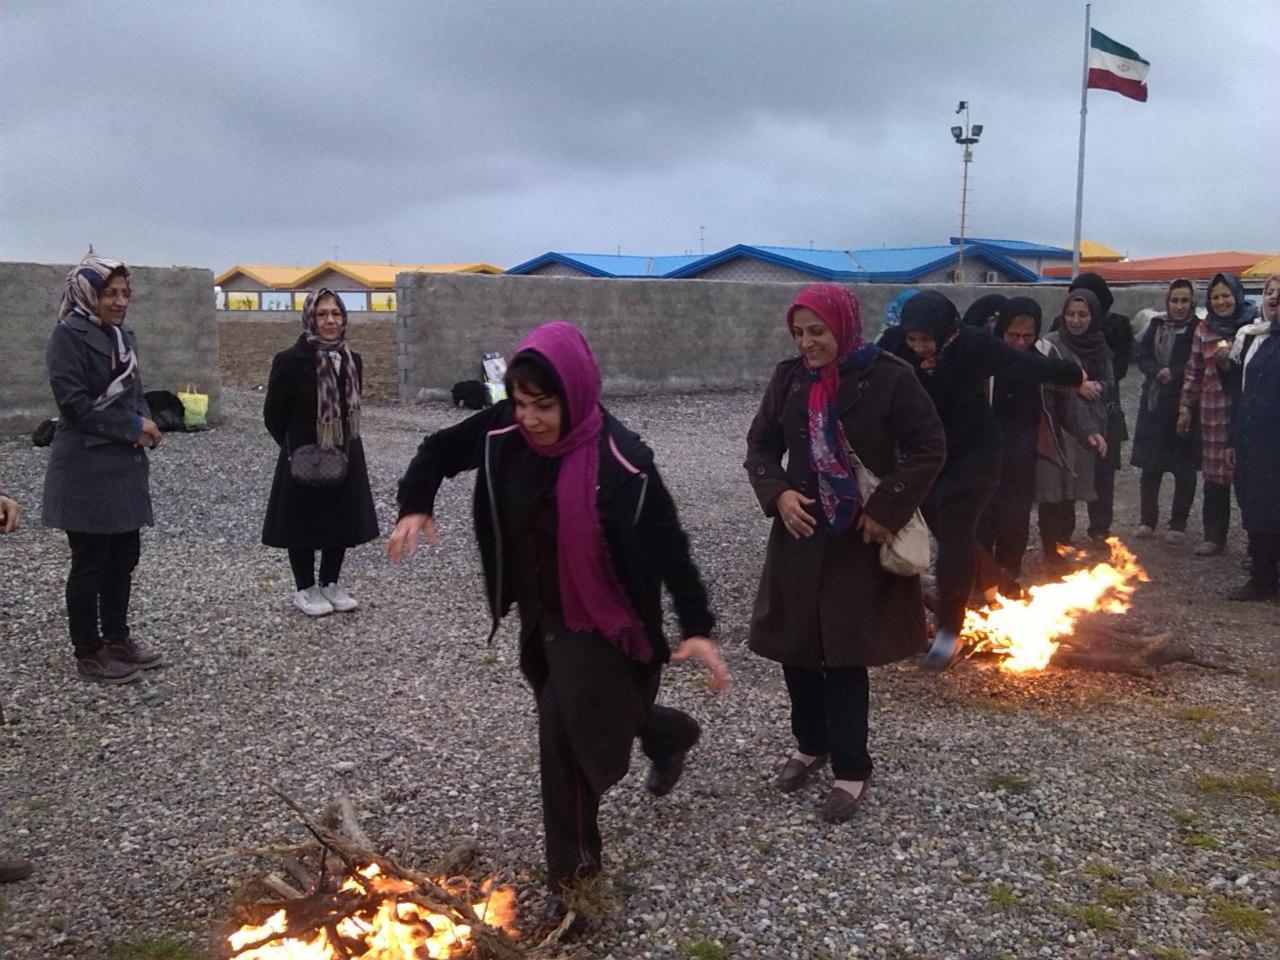 چهارشنبه سوری 1393 در میرود مجتمع تفریحی نیکوکار بانو مرضیه بابایی